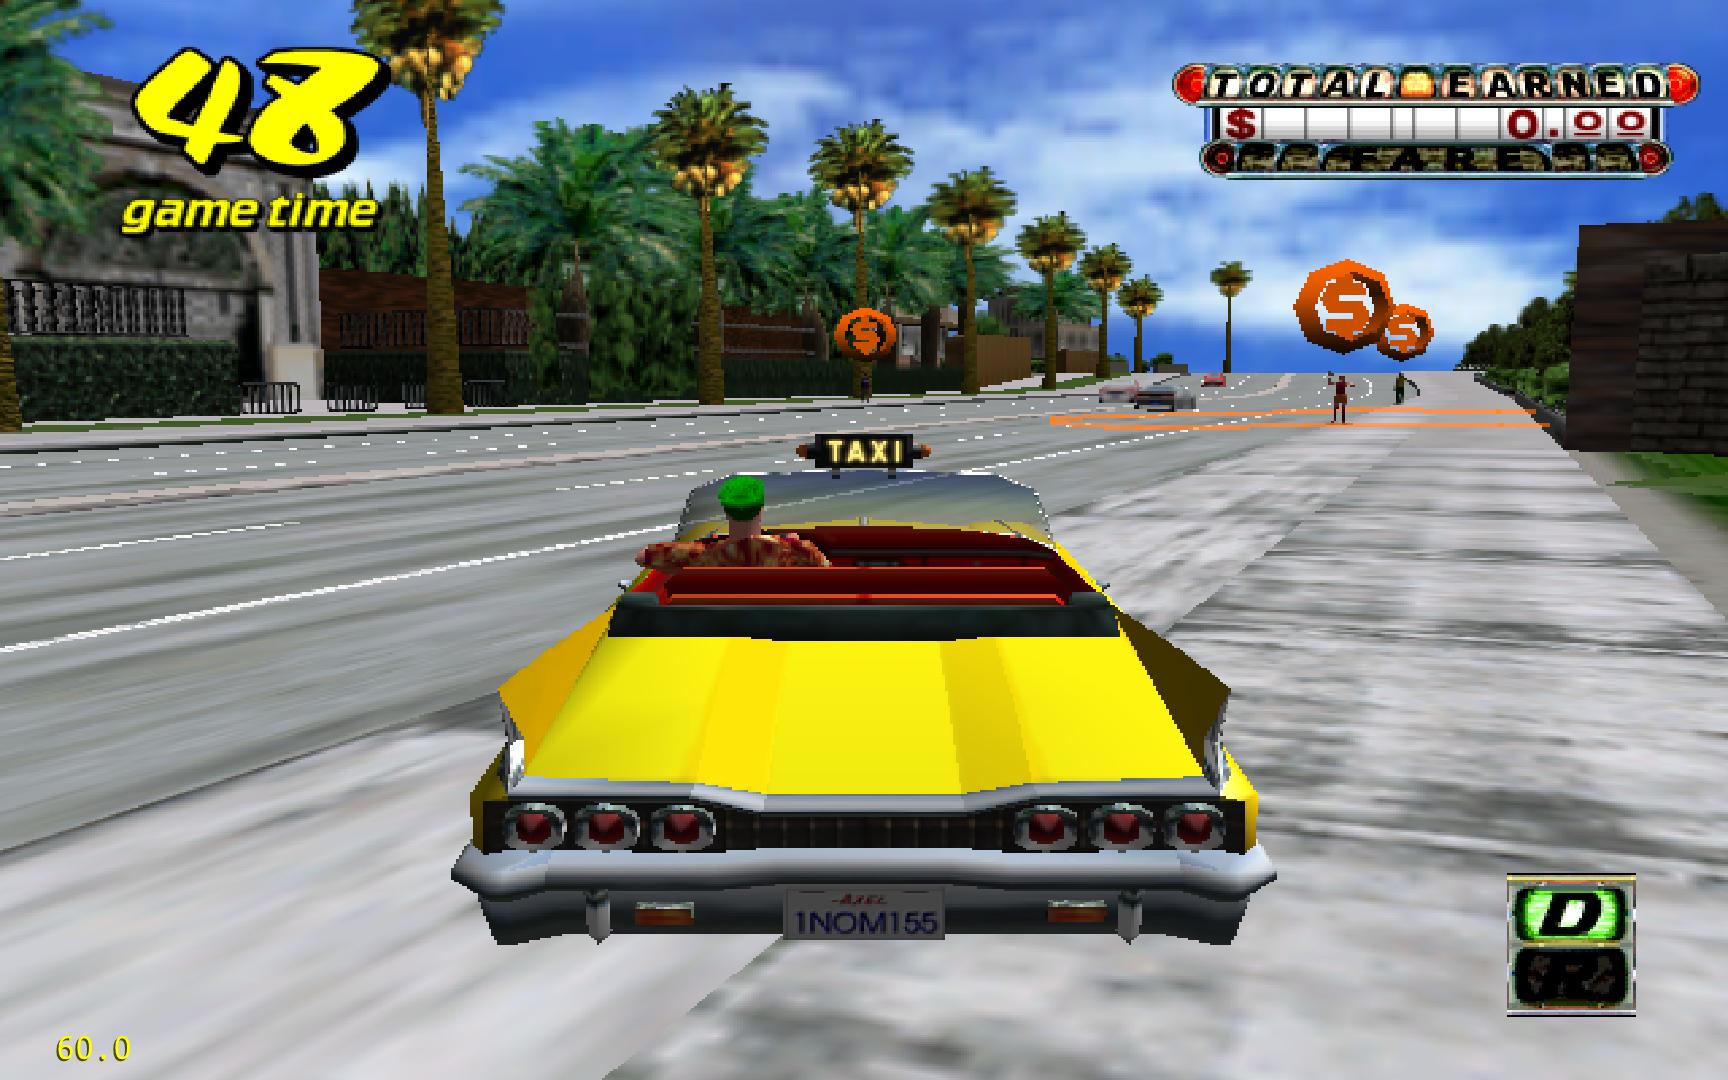 crazy taxi v1 004 1999 sega ntsc us 6s 51035 -181029-171428